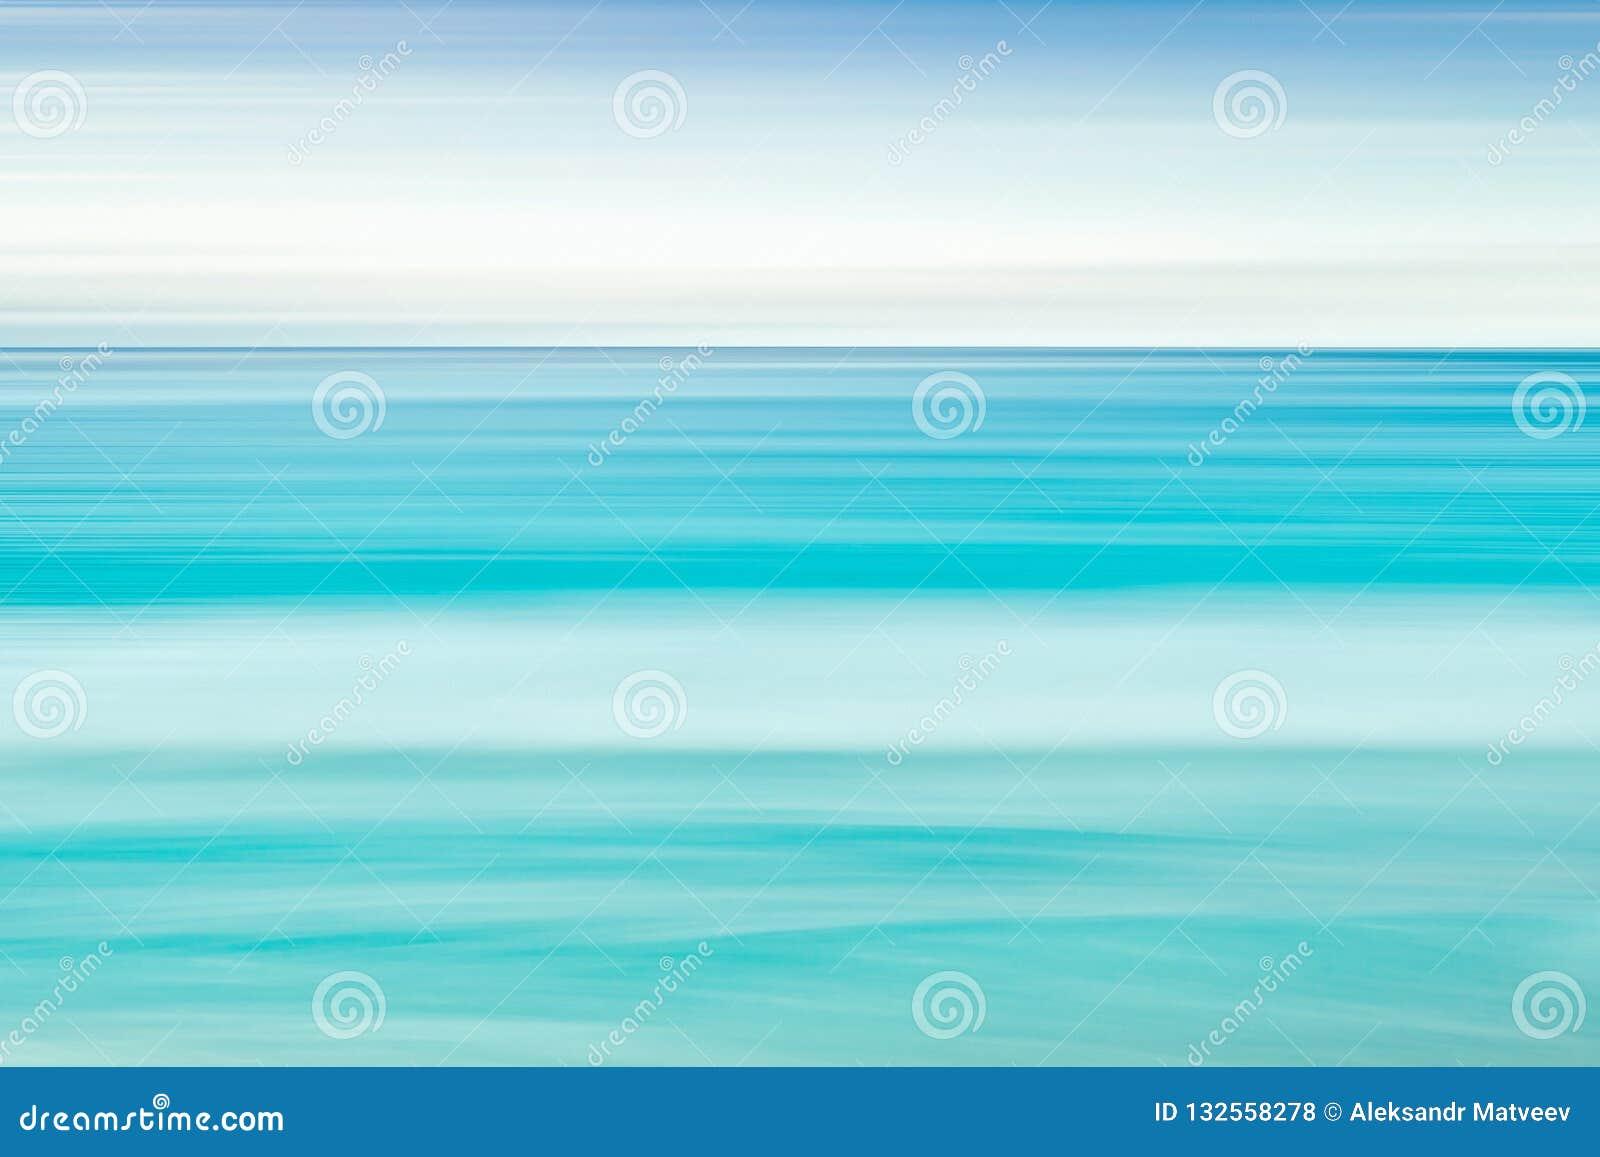 Fondo vacío del mar y de la playa con el espacio de la copia, exposición larga, fondo abstracto azul de la pendiente del movimien